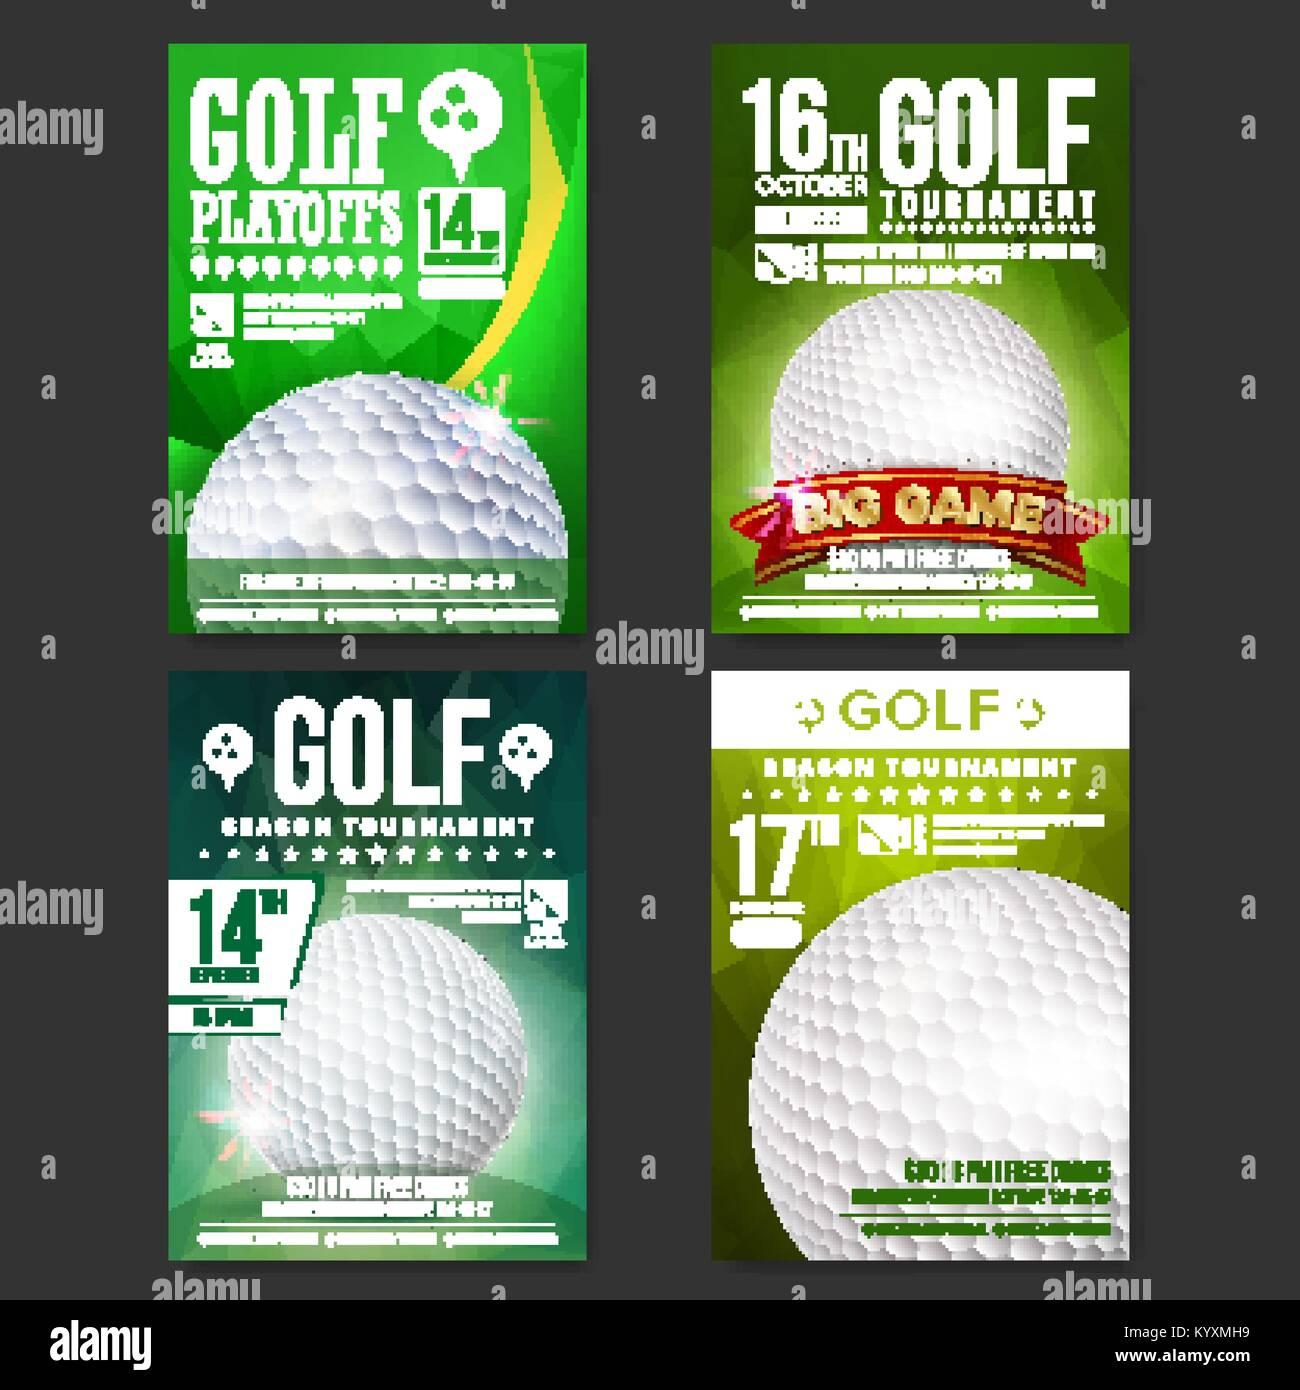 b08581edd Póster de Golf conjunto Vector. Diseño para la promoción de la barra  deportiva. Pelota de golf. Torneo moderno. Anuncio de eventos deportivos.  Banner de ...